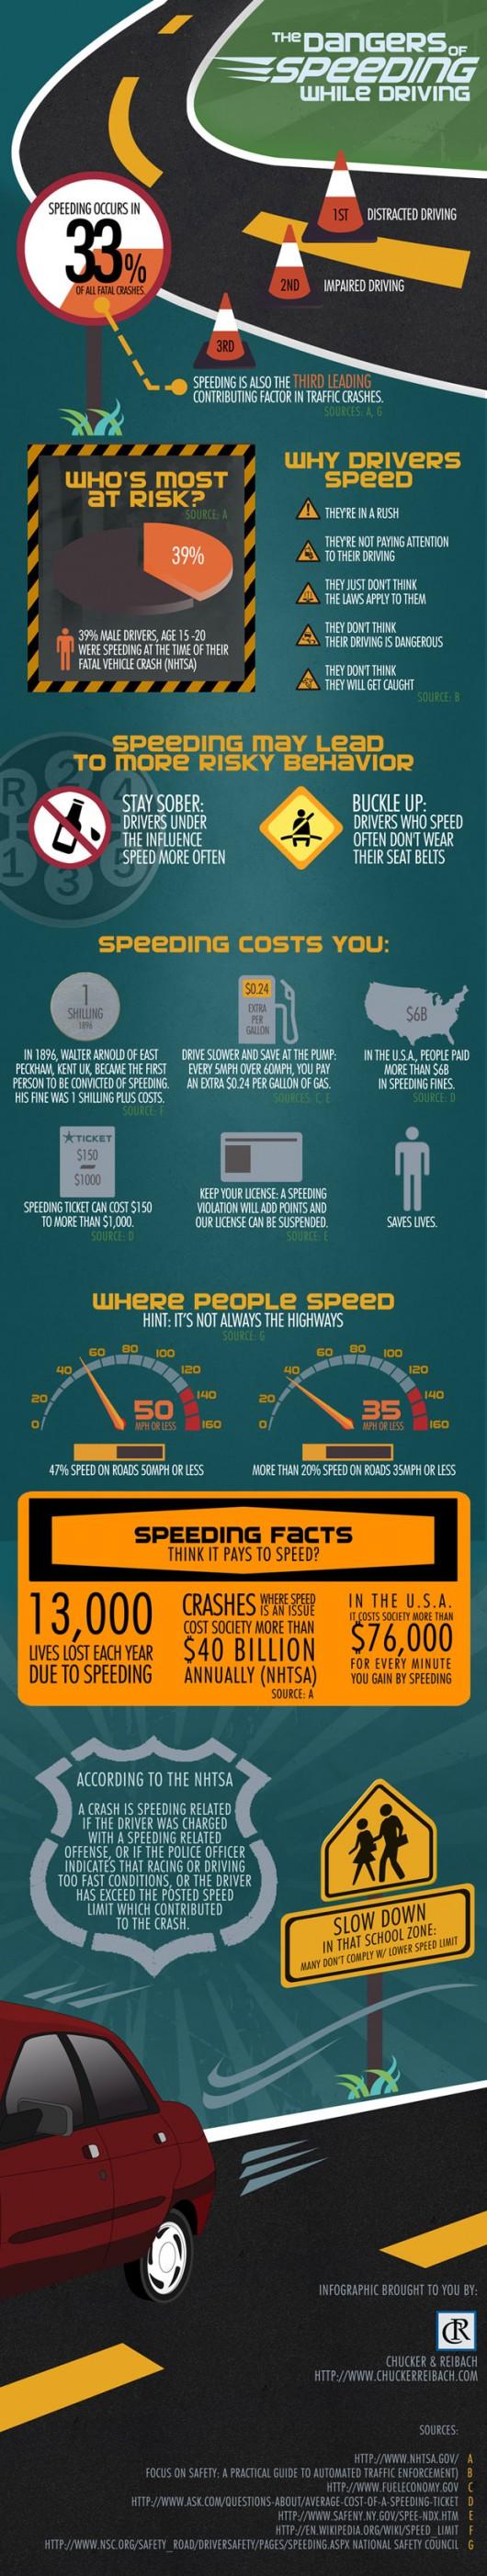 Danger of Speeding